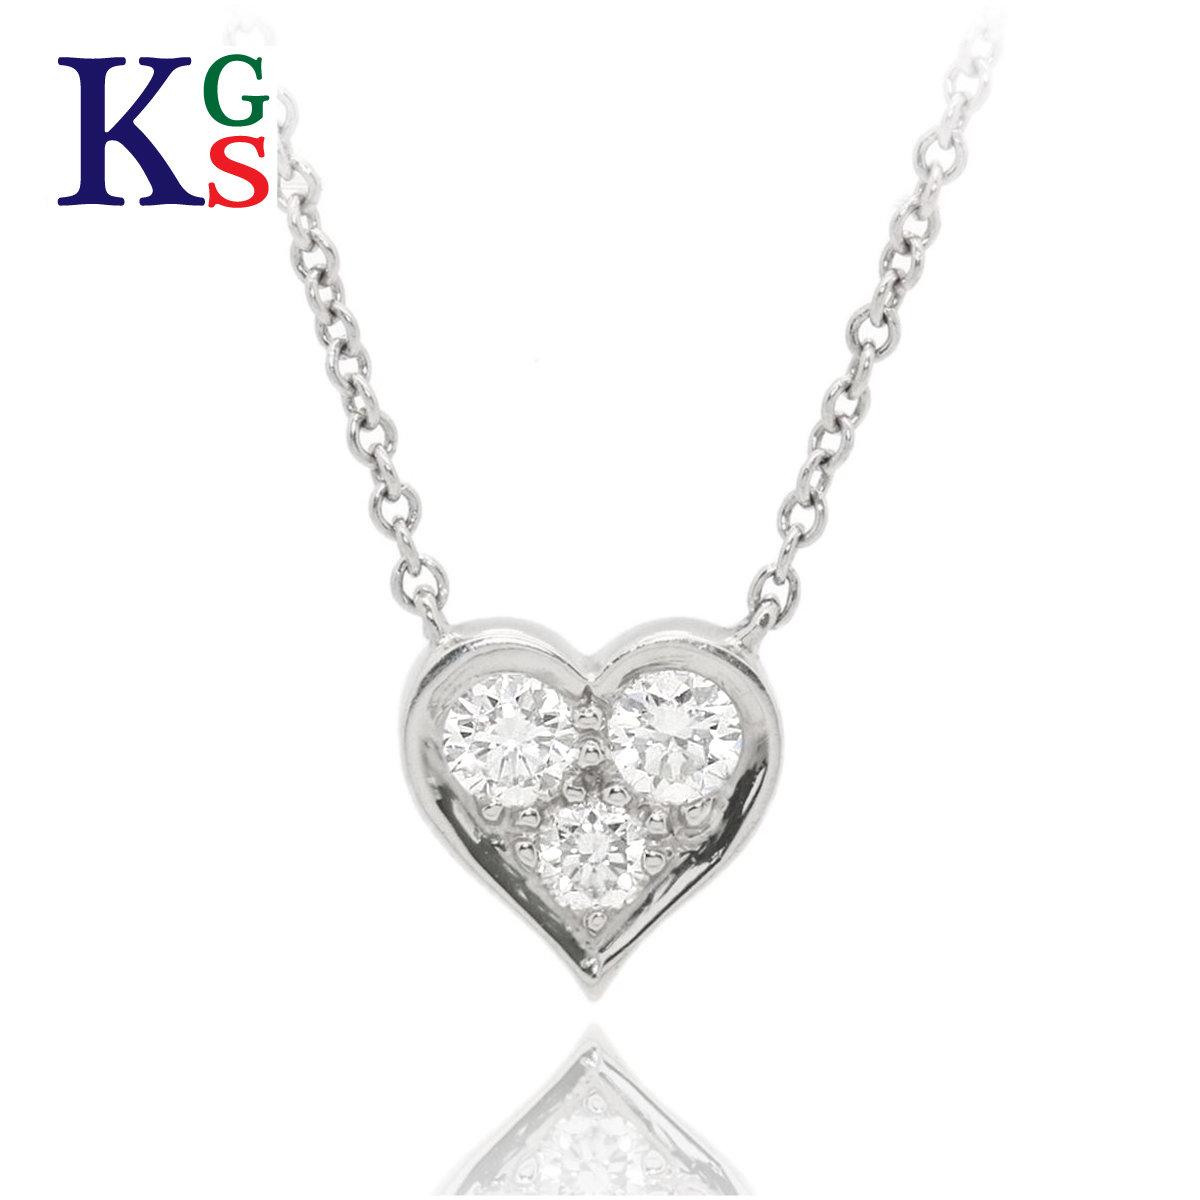 【ギフト品質】ティファニー/Tiffany&co レディース ジュエリー センチメンタルハート 3Pダイヤ ネックレス Pt950